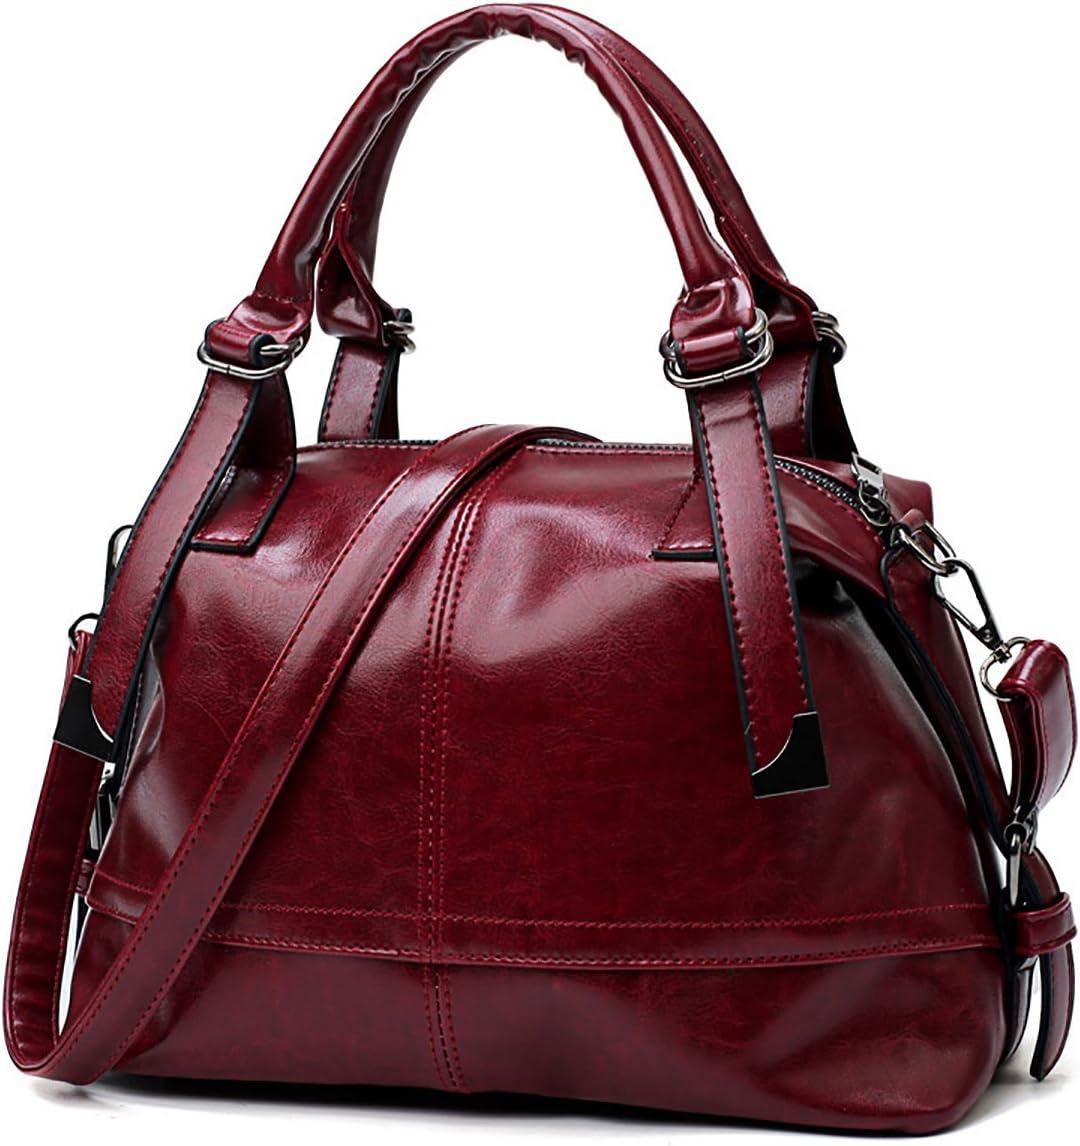 Tisdaini nuevos Bolsos de Las señoras Bolsos Grandes Moda PU Cuero Boston Bolsa Bolso de Hombro Casual para Las Mujeres Vino Tinto